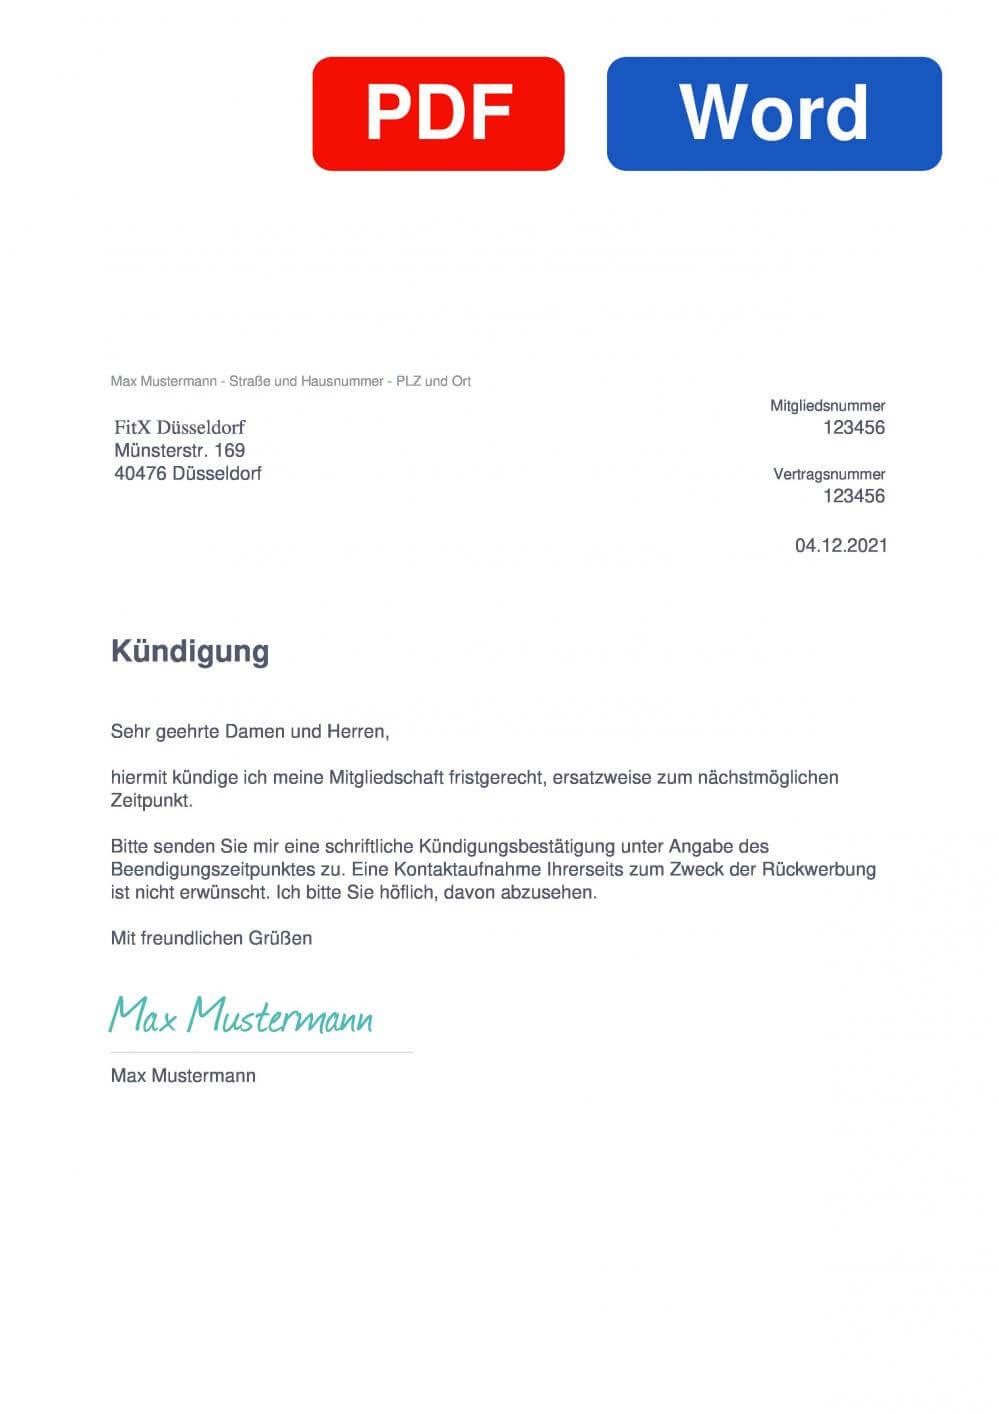 FitX Düsseldorf Muster Vorlage für Kündigungsschreiben